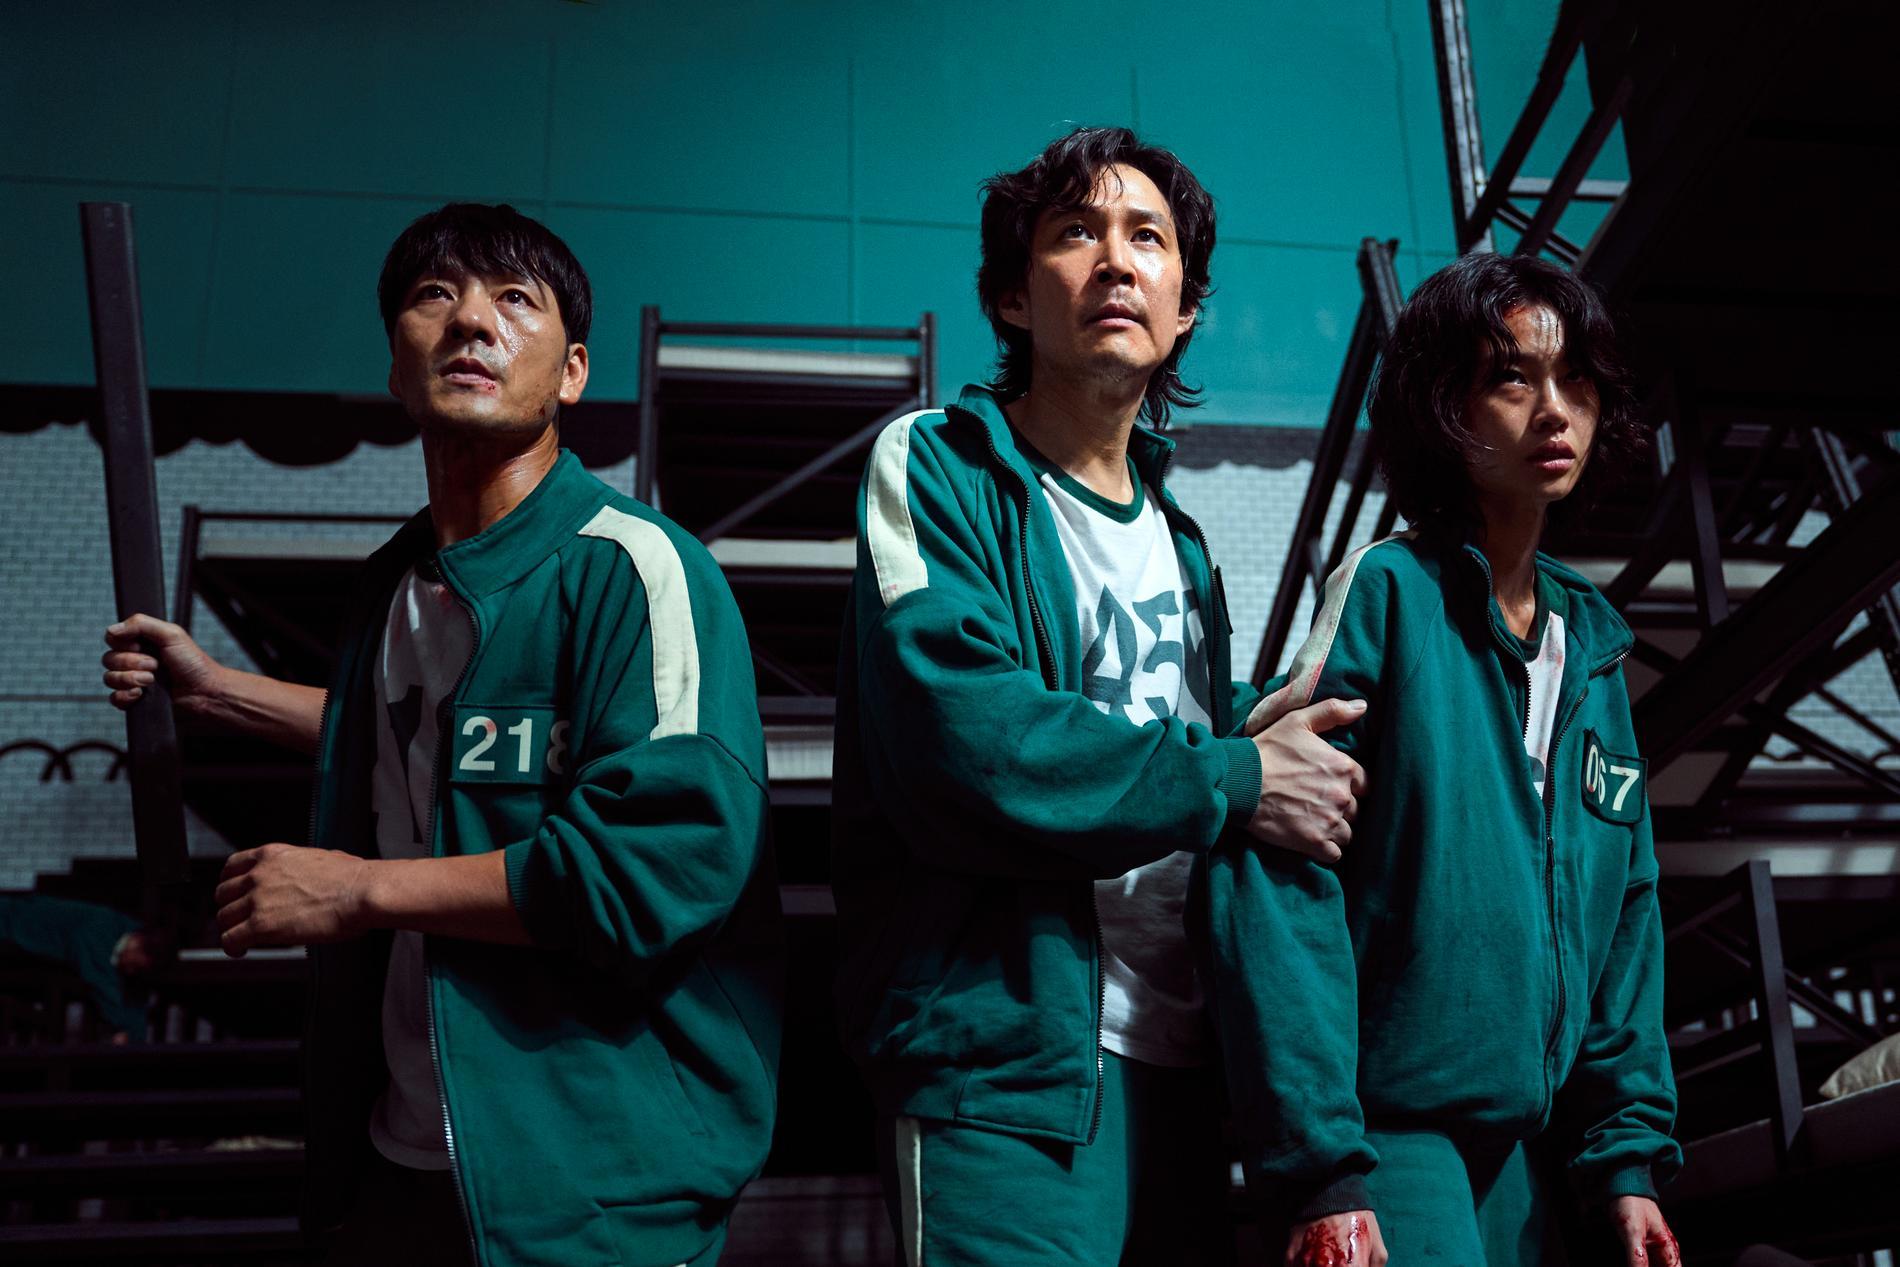 """Scen ur Netflixserien """"Squid Game"""", med huvudpersonen Seong Gi-Hun, spelad av Lee Jung-jae, i mitten."""